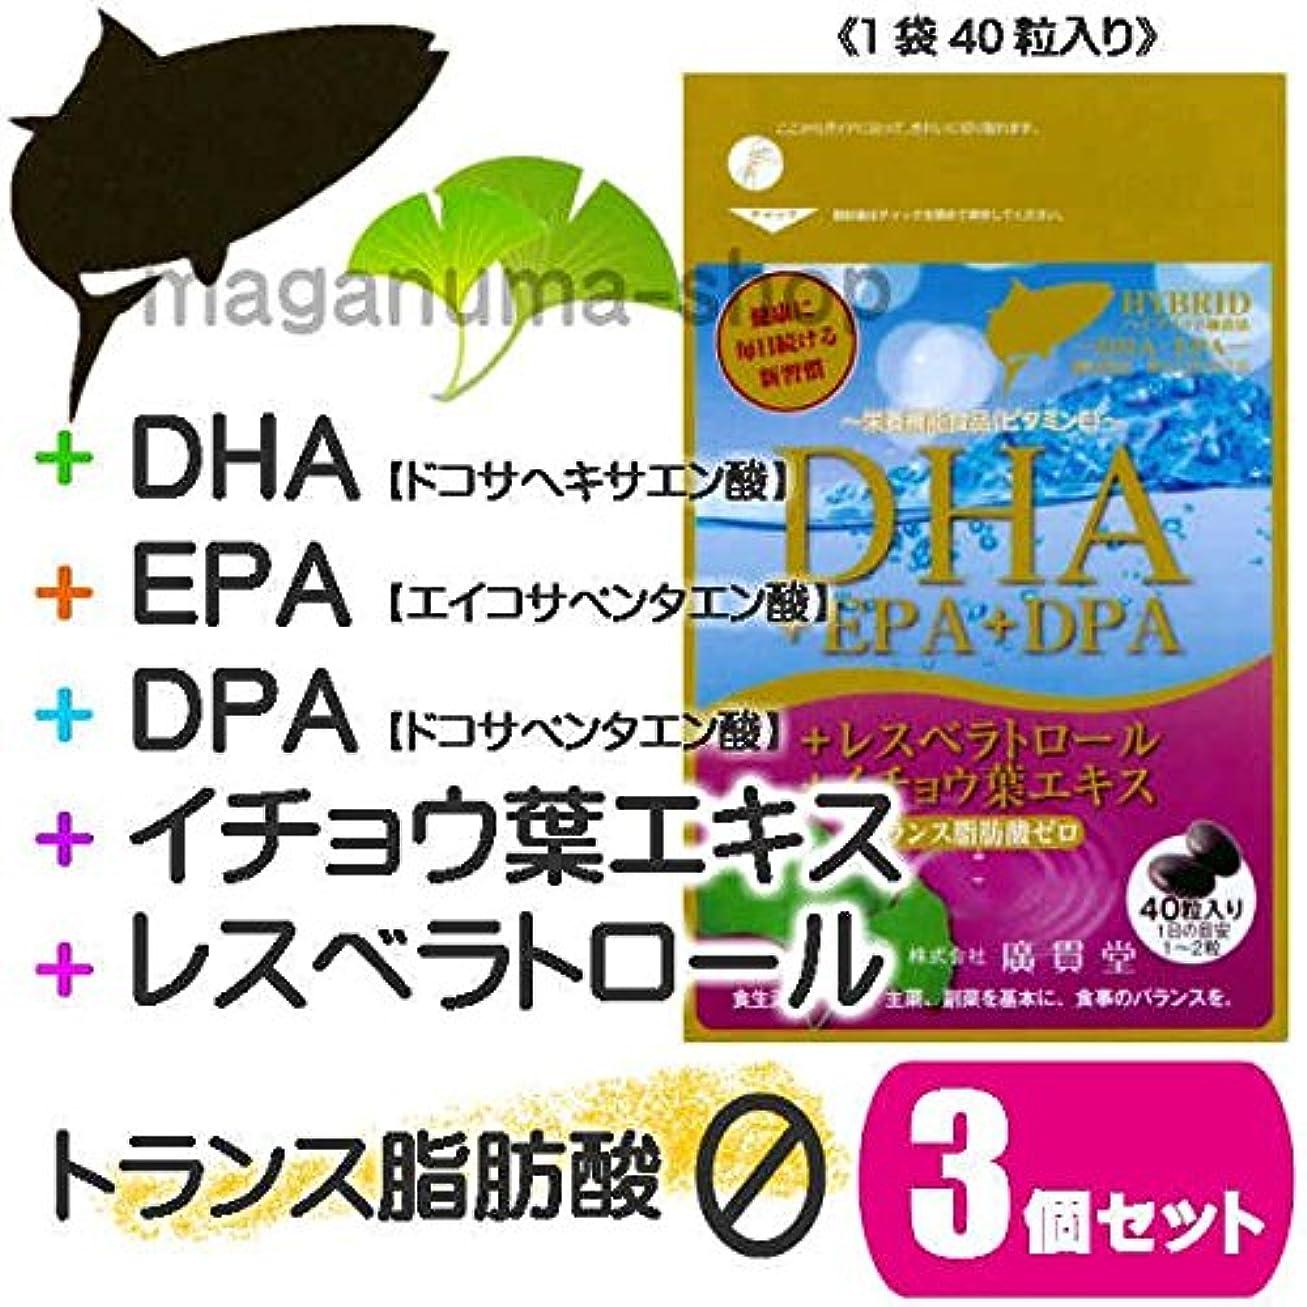 ナンセンスジョブ嫌がるDHA+EPA+DPA+レスベラトロール+イチョウ葉エキス 3個セット